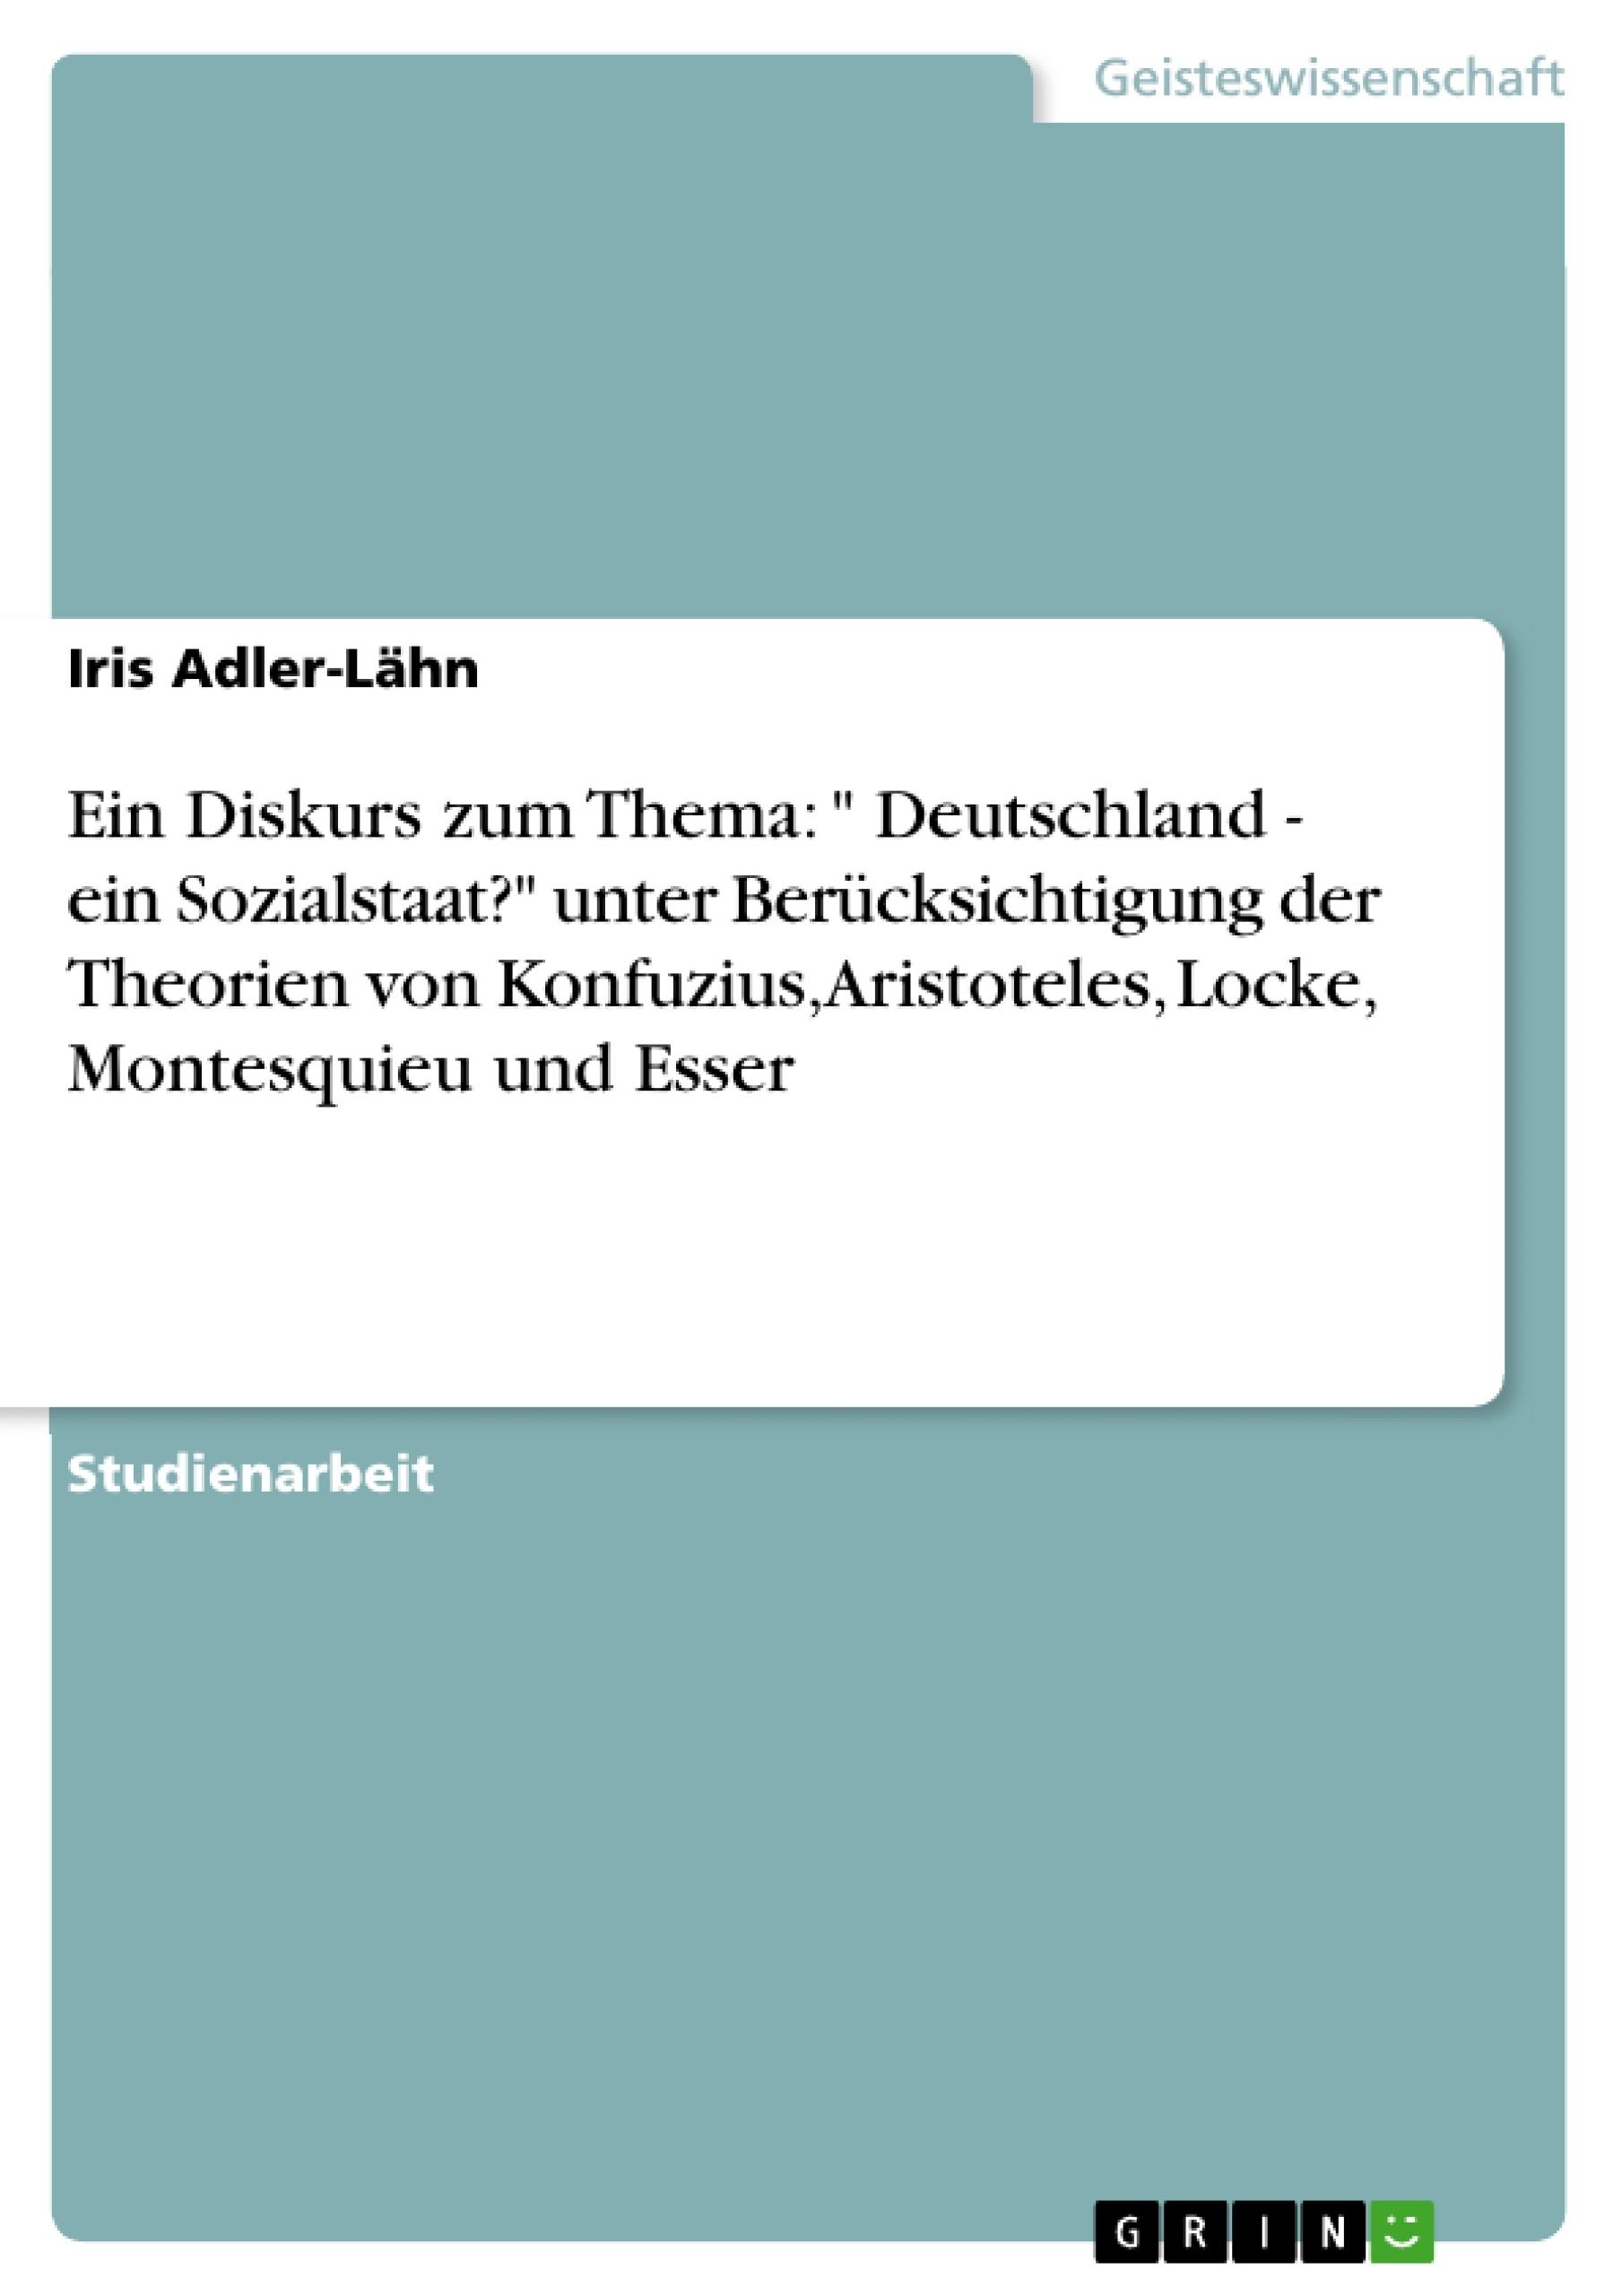 """Titel: Ein Diskurs zum Thema: """" Deutschland - ein Sozialstaat?"""" unter Berücksichtigung der Theorien von Konfuzius, Aristoteles, Locke, Montesquieu und Esser"""